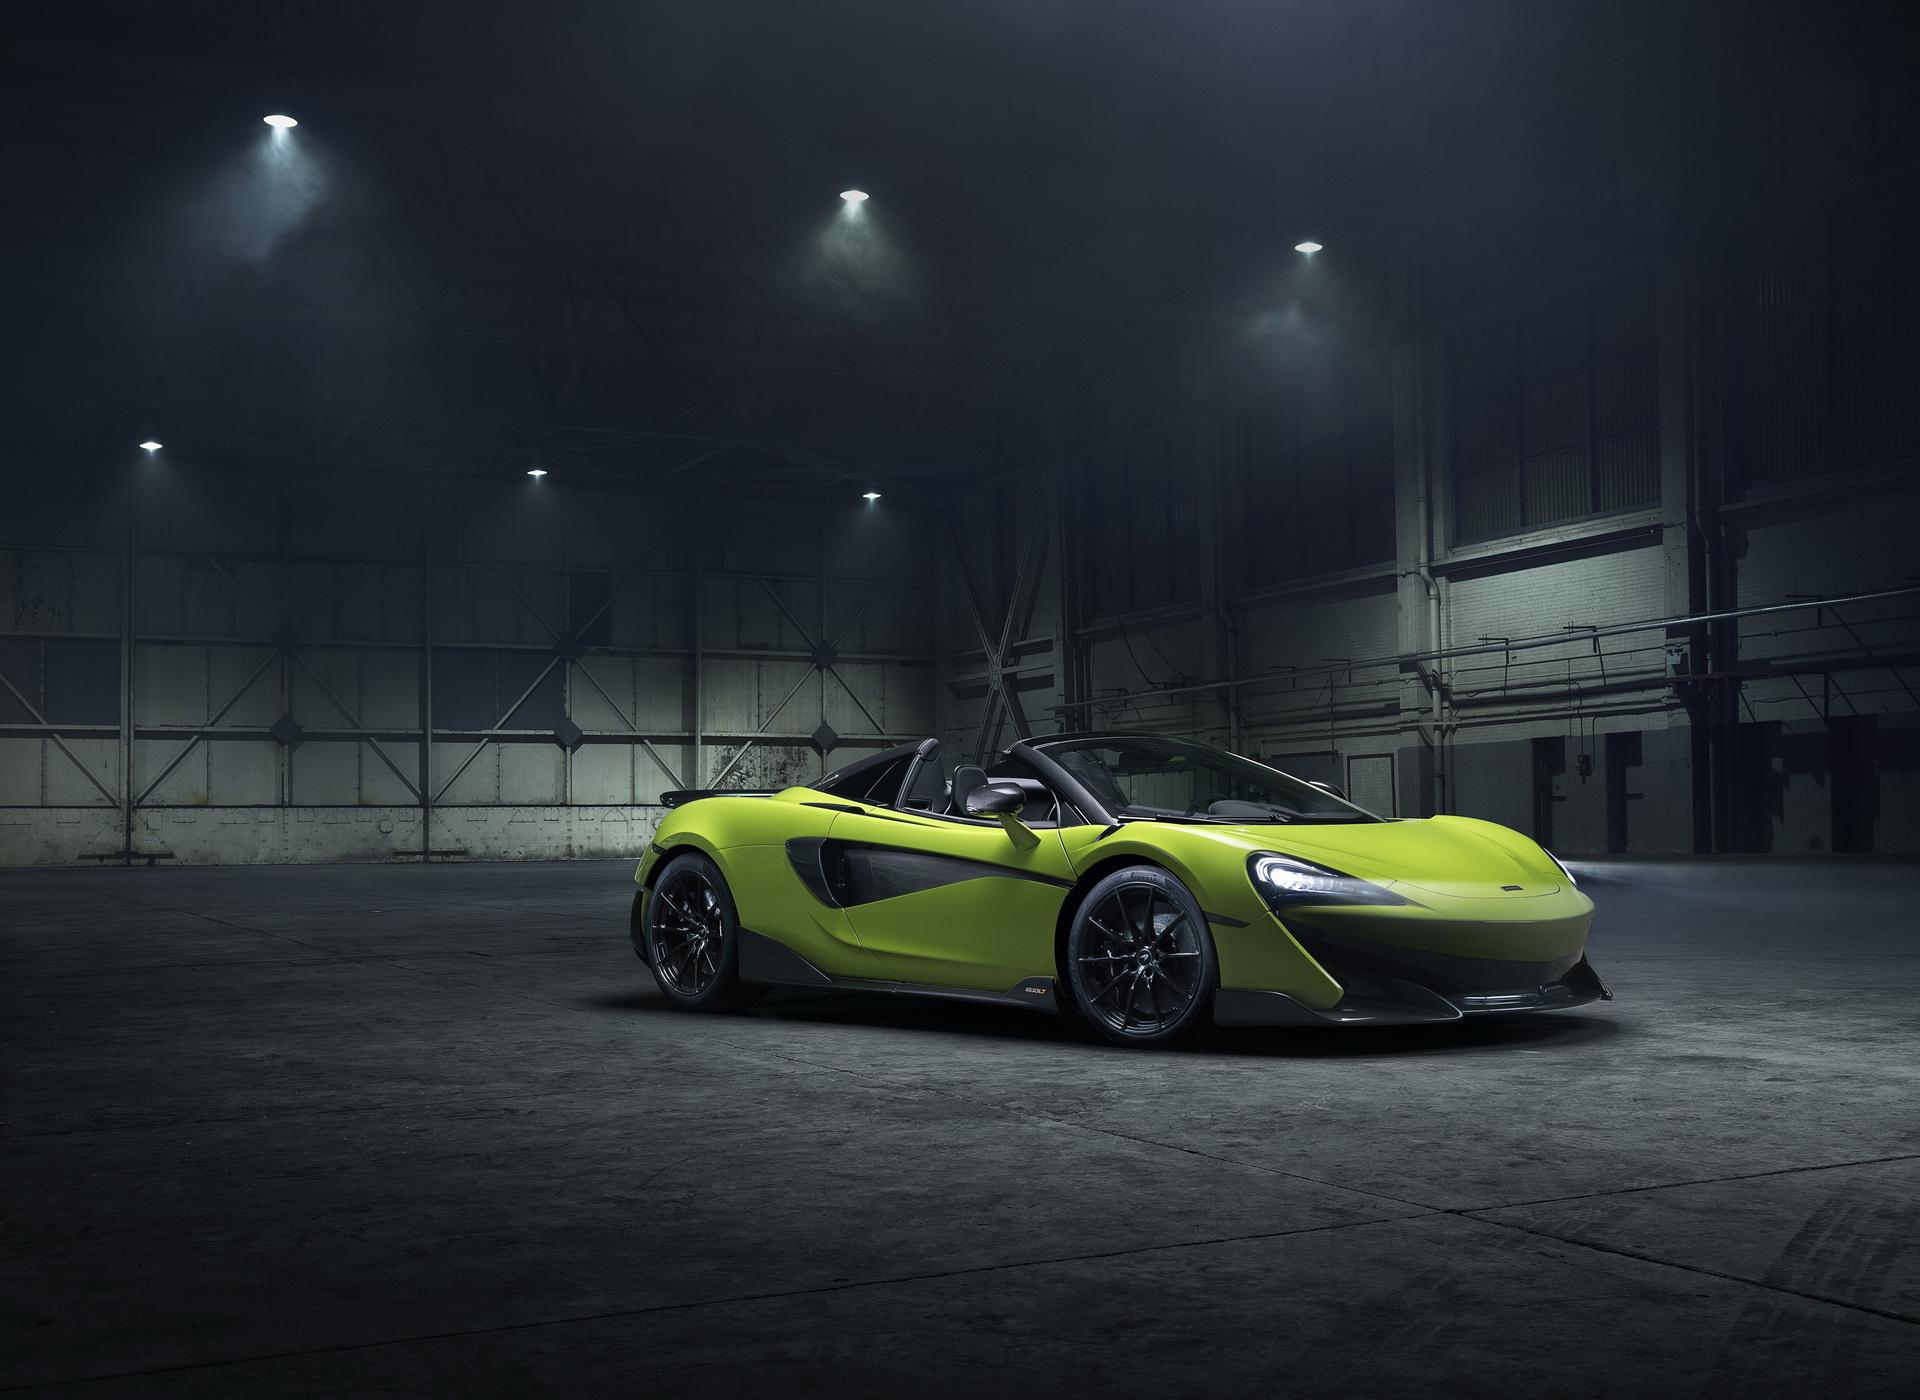 McLaren revela 600 LT Spider com preço de 250 mil euros